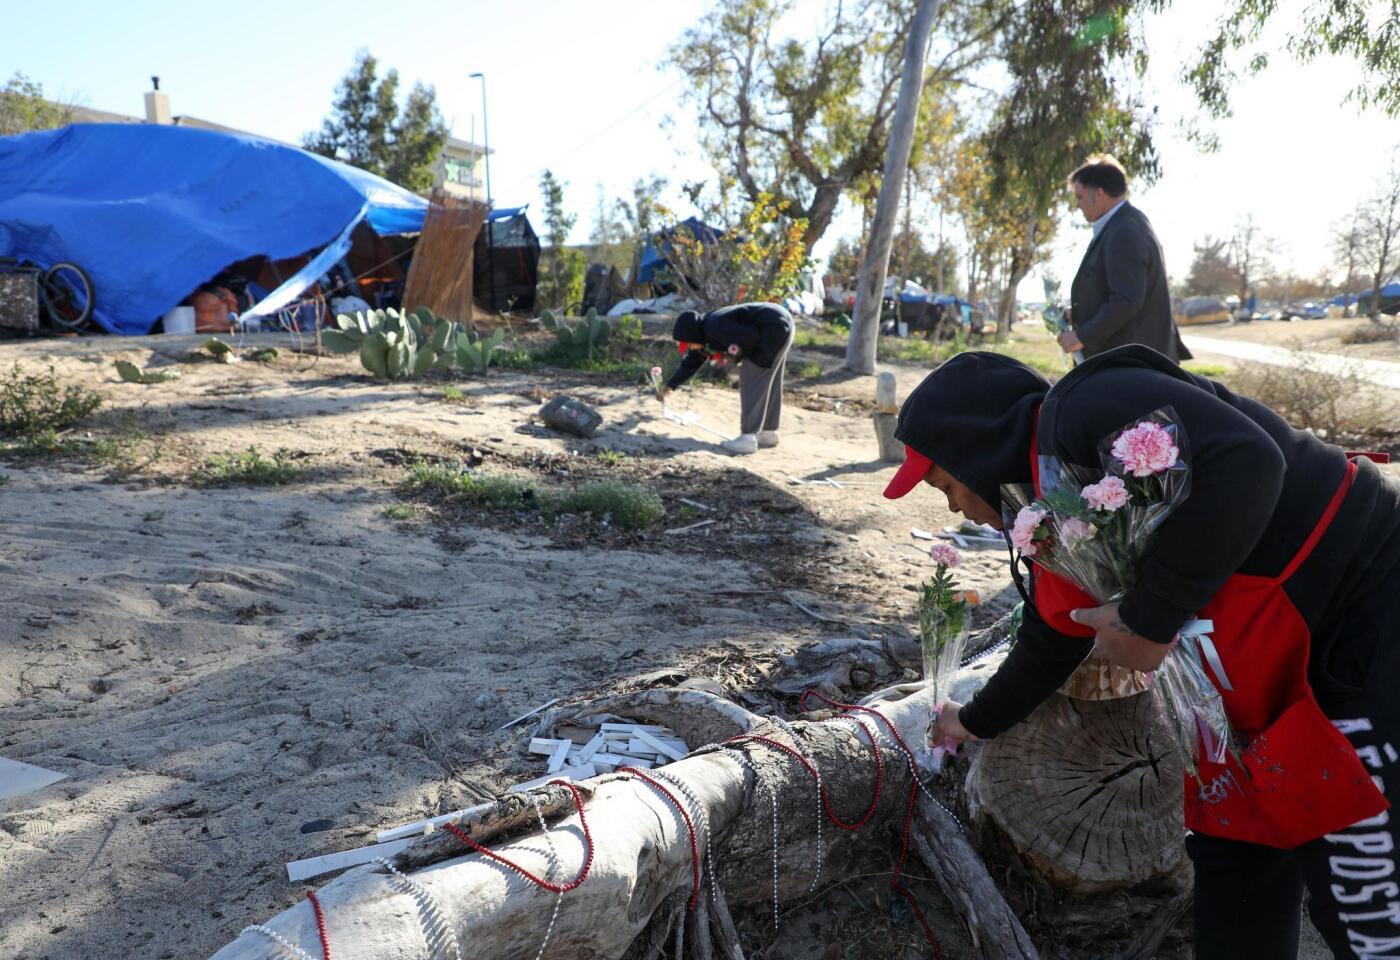 Una mujer deja flores en un campamento junto al lecho del río Santa Ana durante el 'Día de conmemoración a personas sin hogar', en Anaheim, California.